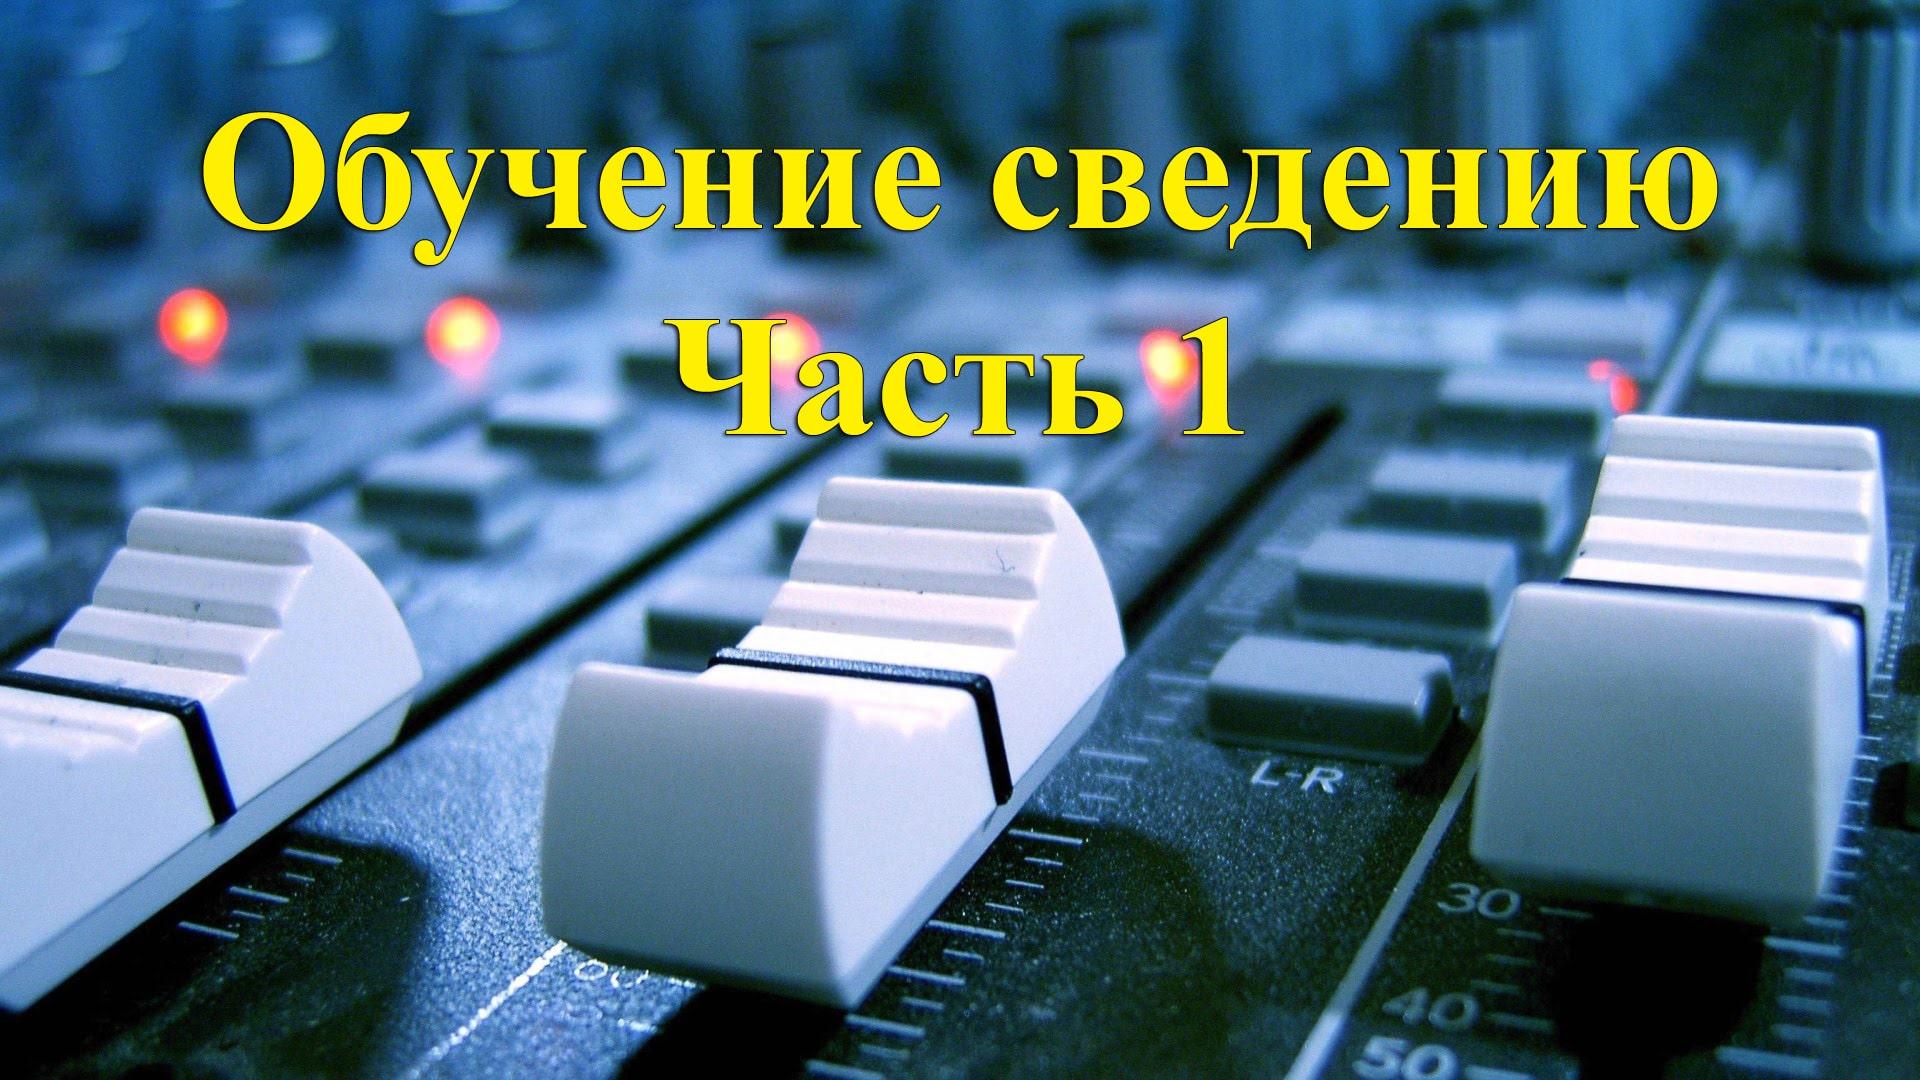 Про сведение и мастеринг   битмейке.ру